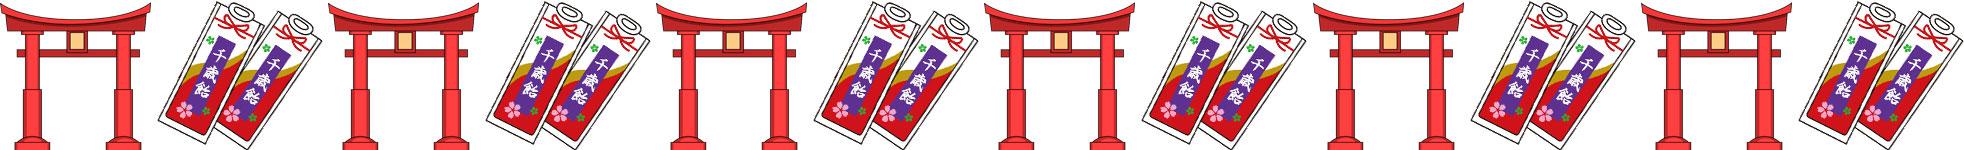 11月のイラストNo.35『横線:七五三』/無料のフリー素材集【花鳥風月】